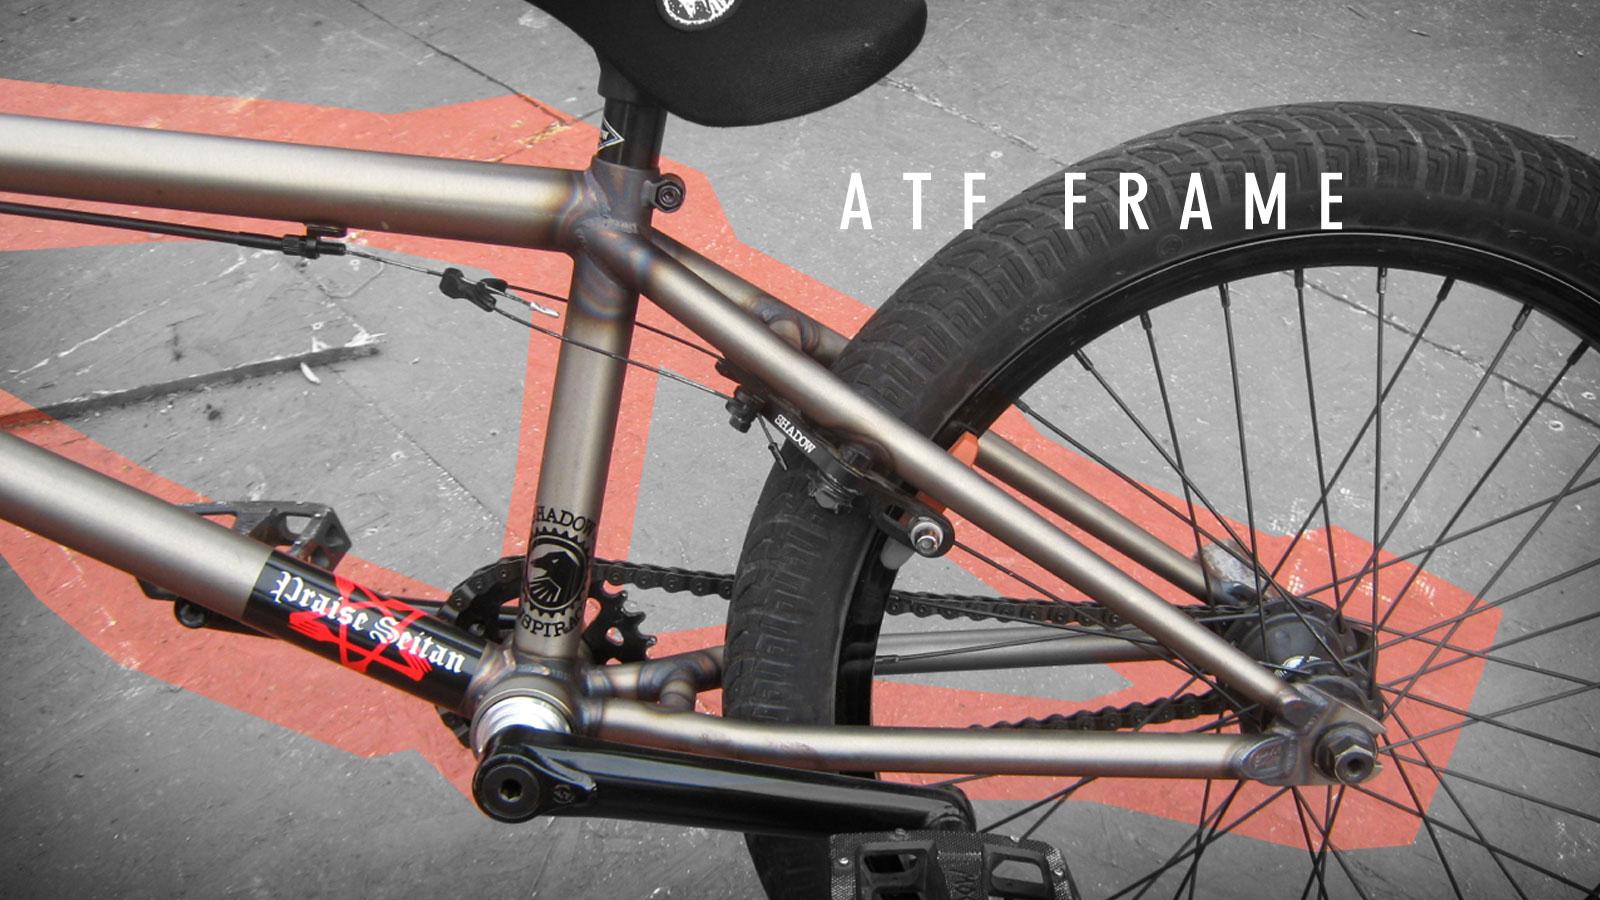 S & M Atf Frame Review - Page 6 - Frame Design & Reviews ✓